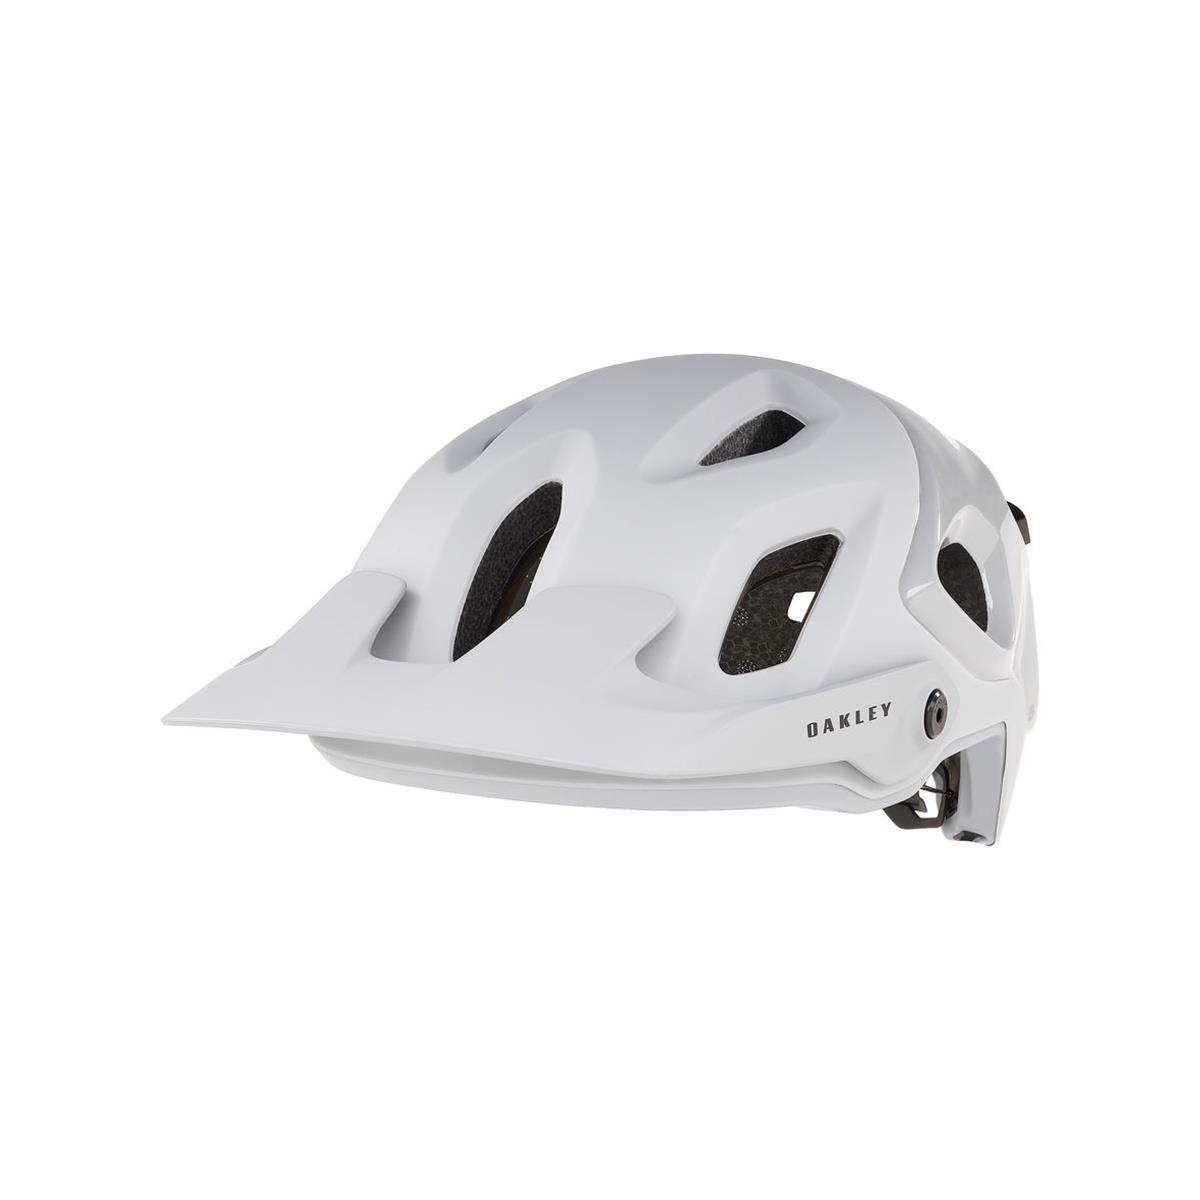 Oakley MTB-Helm DRT5 G. Minnaar Gray